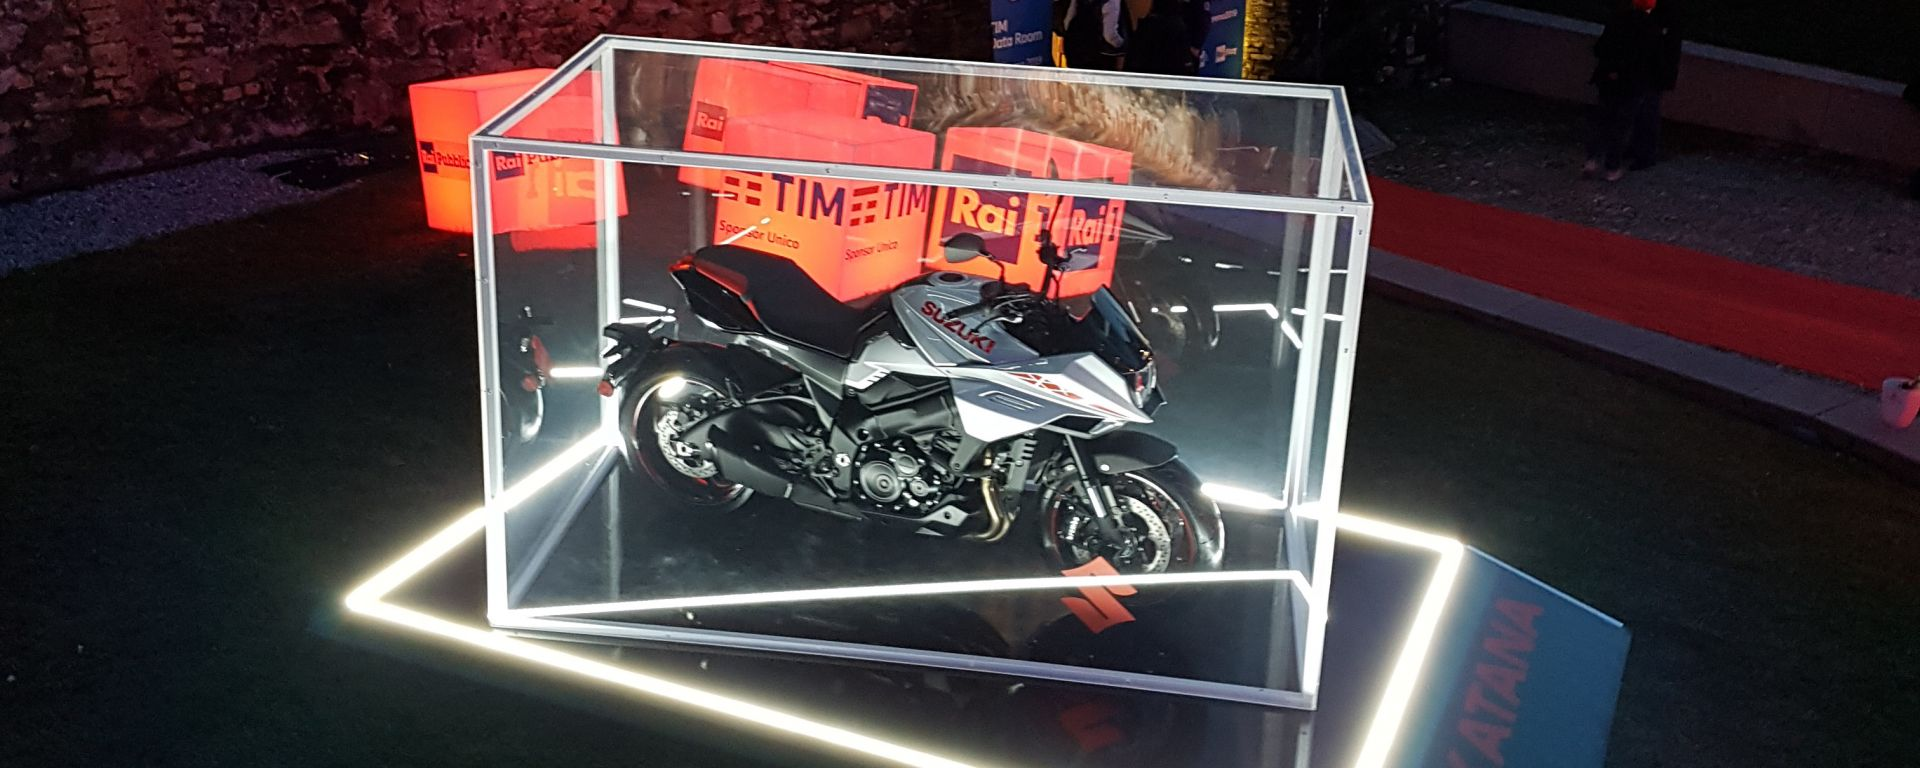 Sanremo 2019: la vincitrice nella categoria due ruote è...